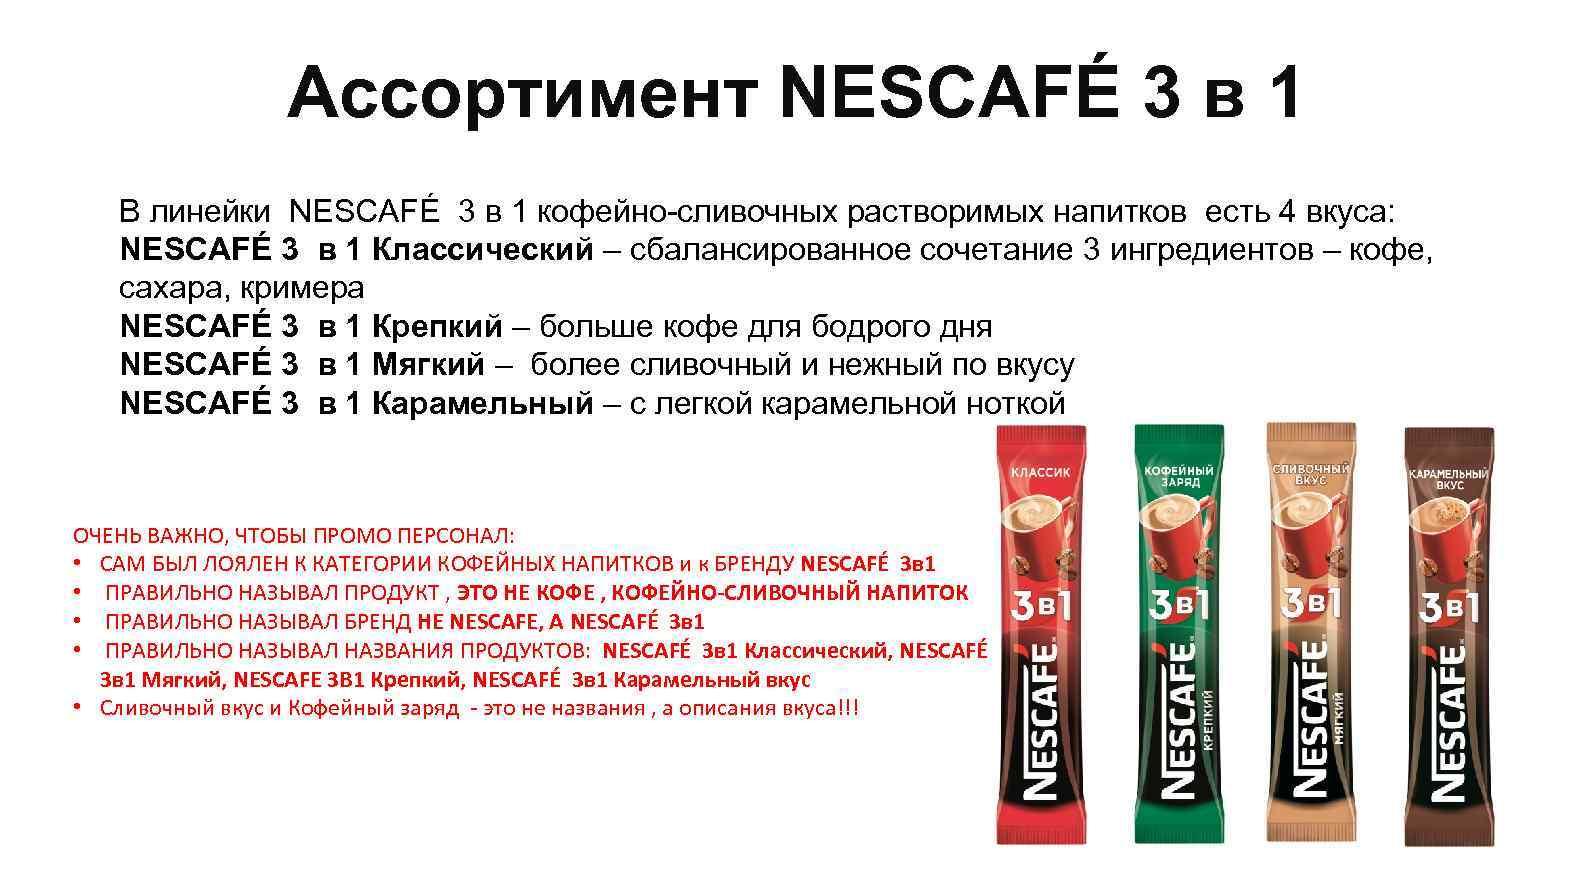 Калорийность кофе ⋆ kofeinfo - информационный сайт о кофе